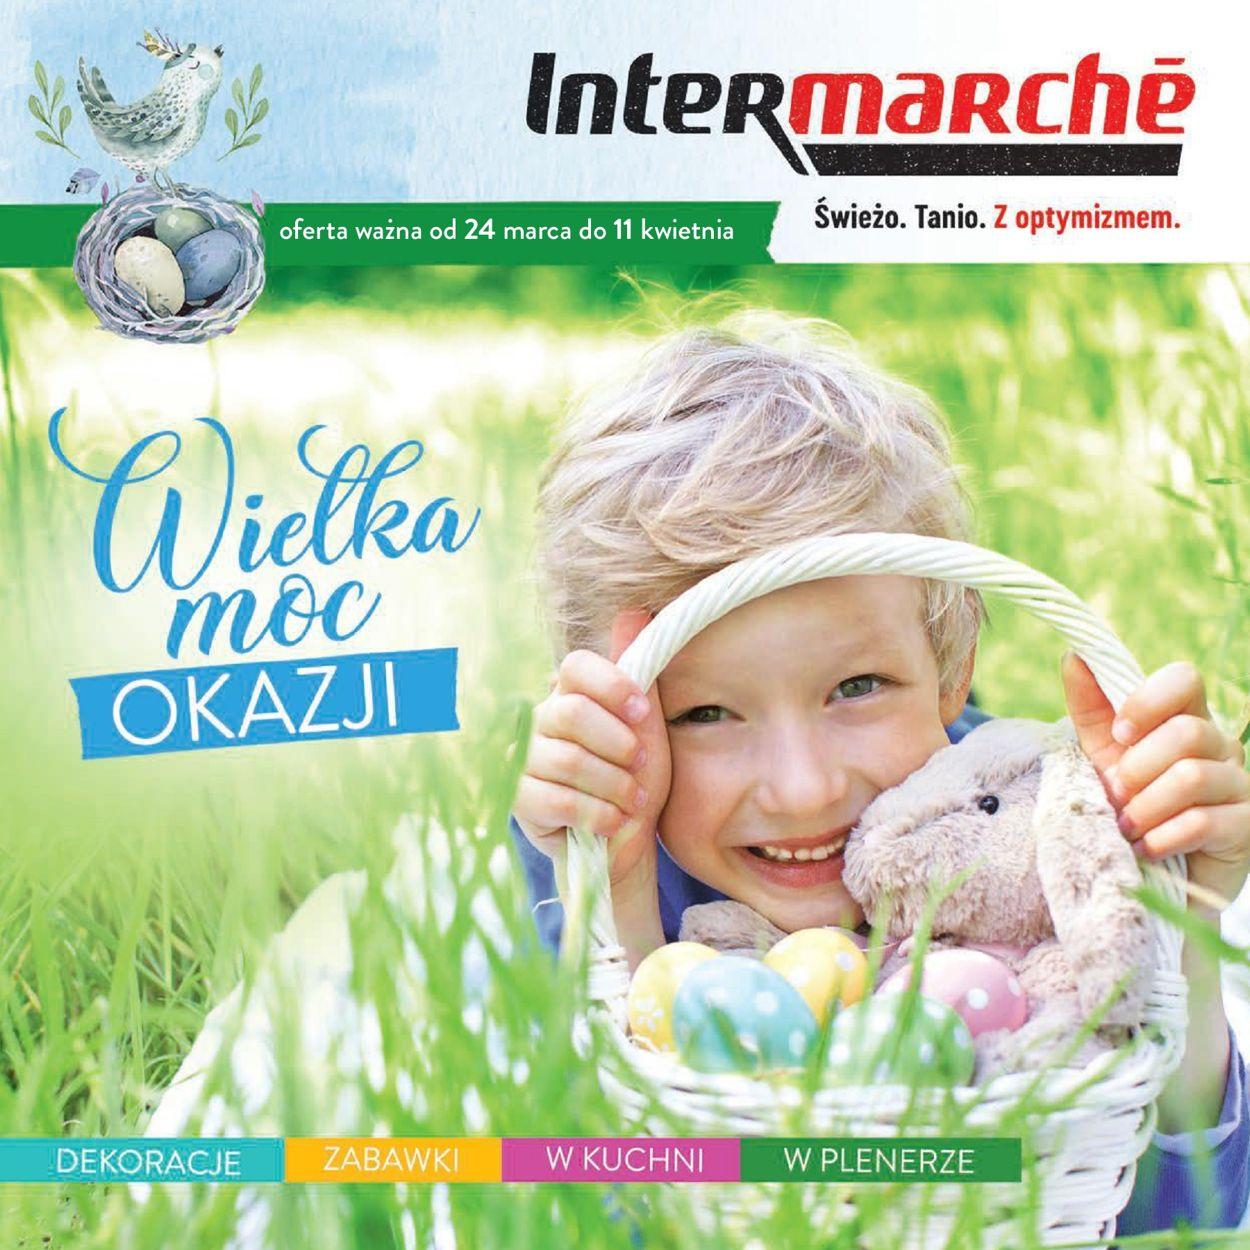 Gazetka promocyjna Intermarché - 24.03-11.04.2020